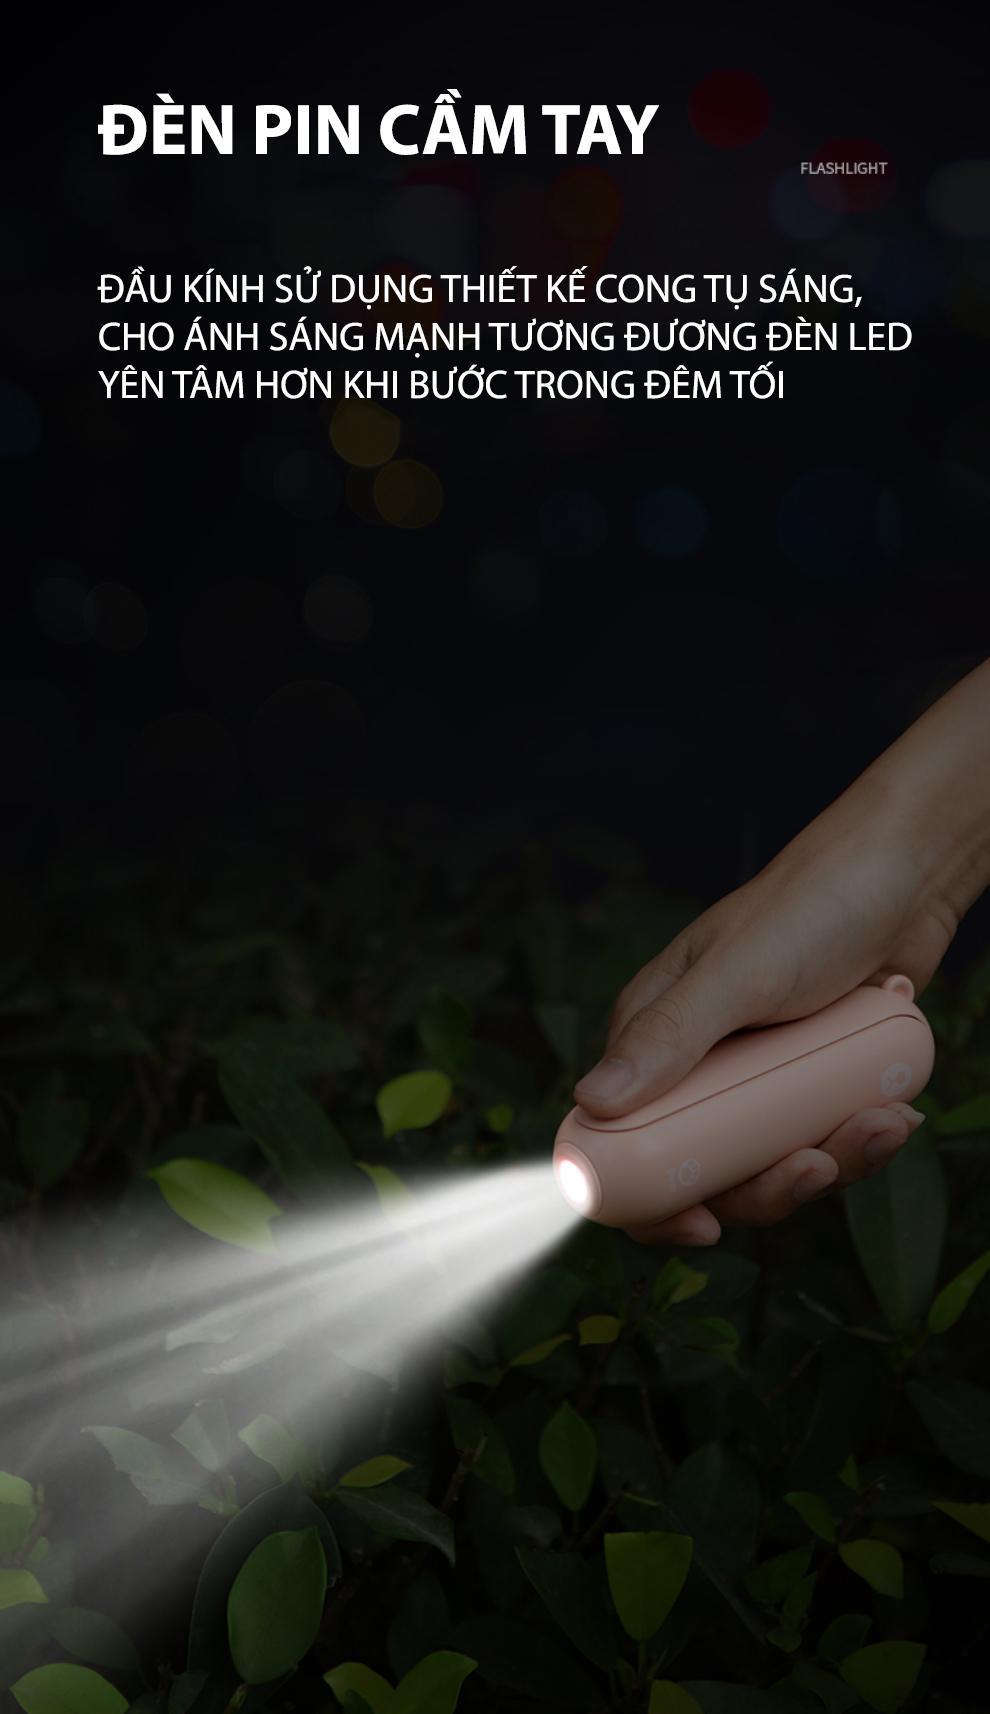 d3ebdc6d568c594b6752d2cecc2bfc7d - Xiaomi Bear Mini Fan cao thủ về pin trong làng quạt cầm tay